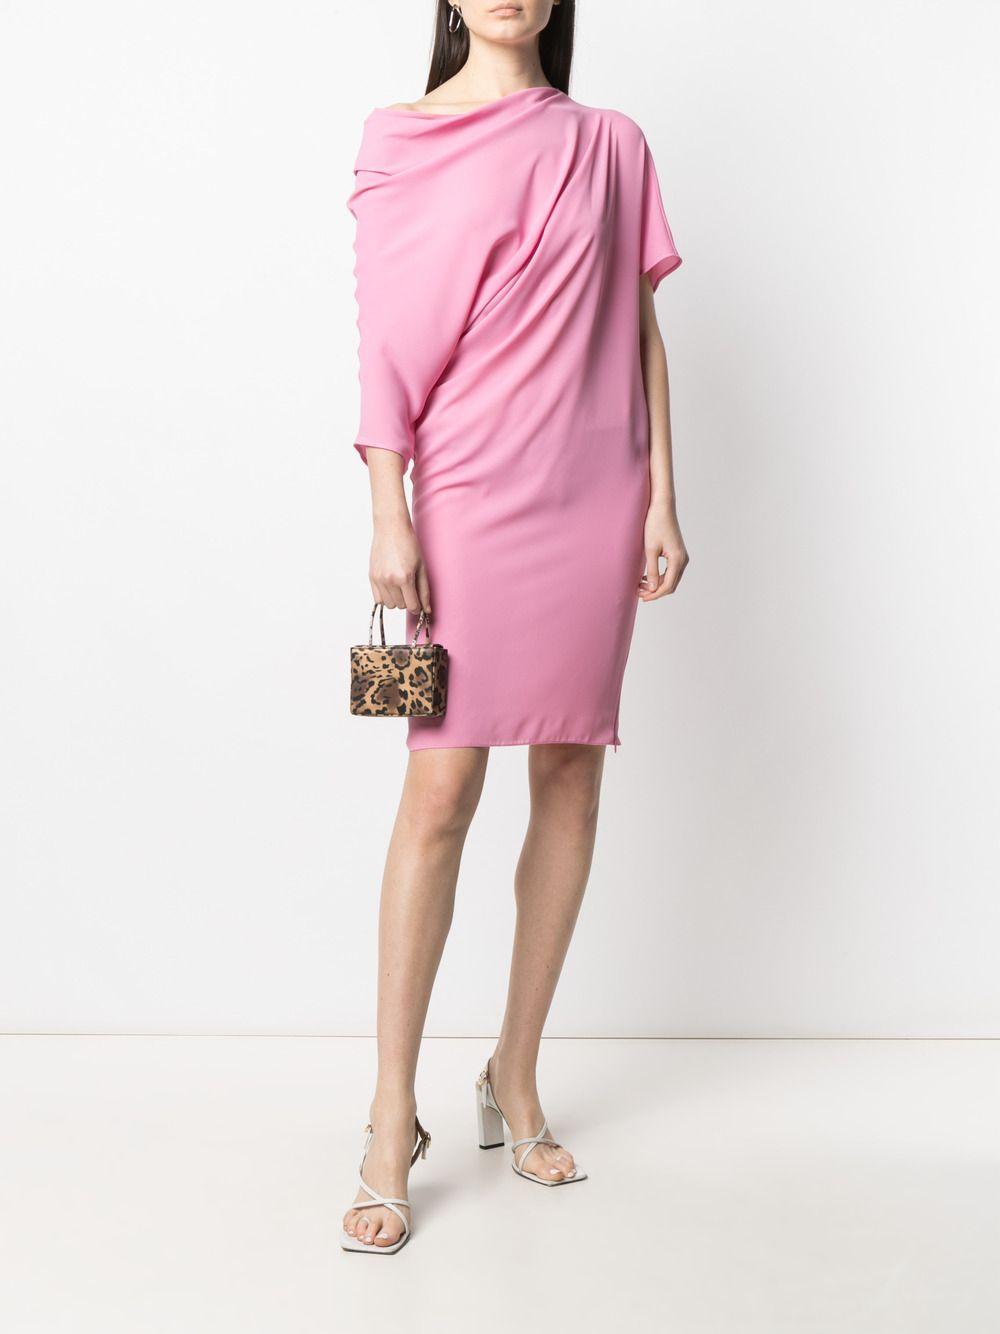 Abito rosa drappeggiato con maniche asimmetriche e dettagli arricciati GIANLUCA CAPANNOLO | Abiti | 21EA1167-250 MAJA257